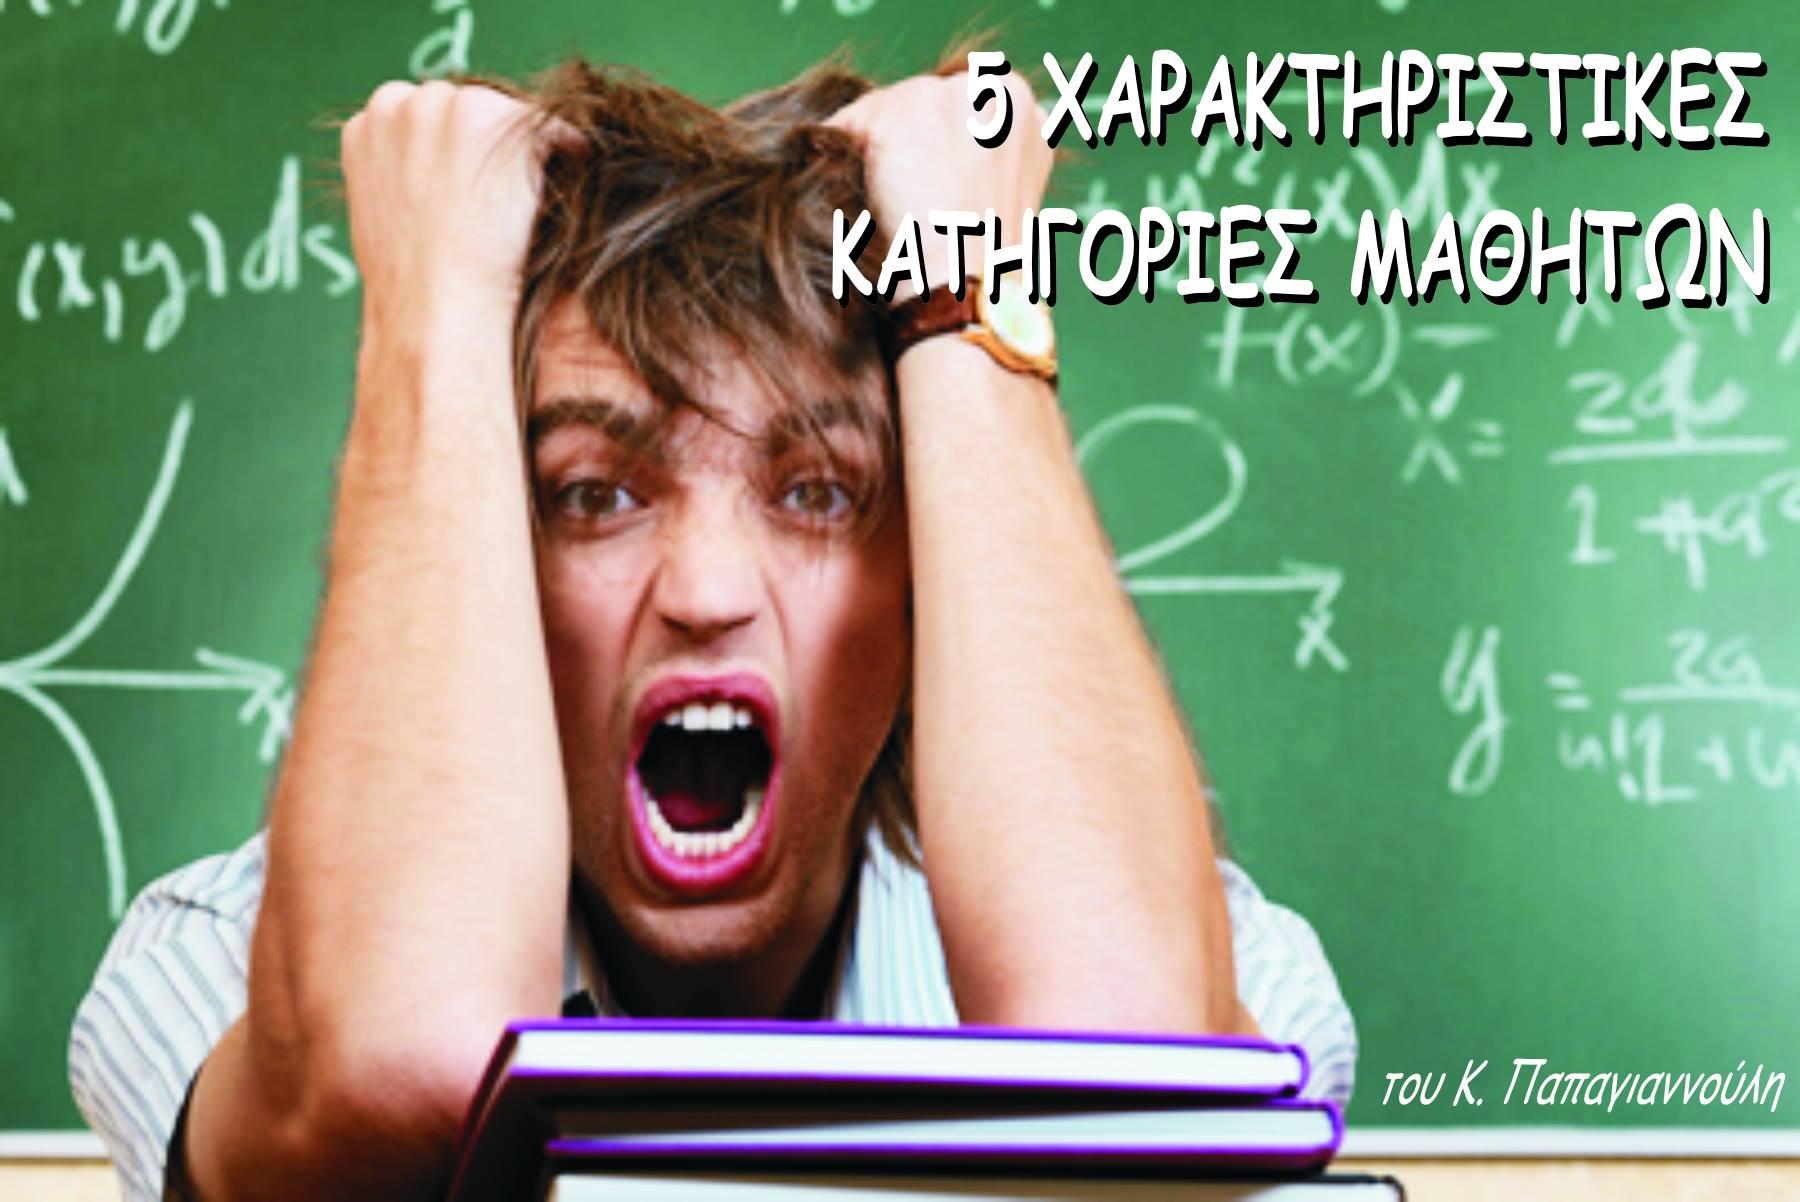 5 χαρακτηριστικές κατηγορίες μαθητών